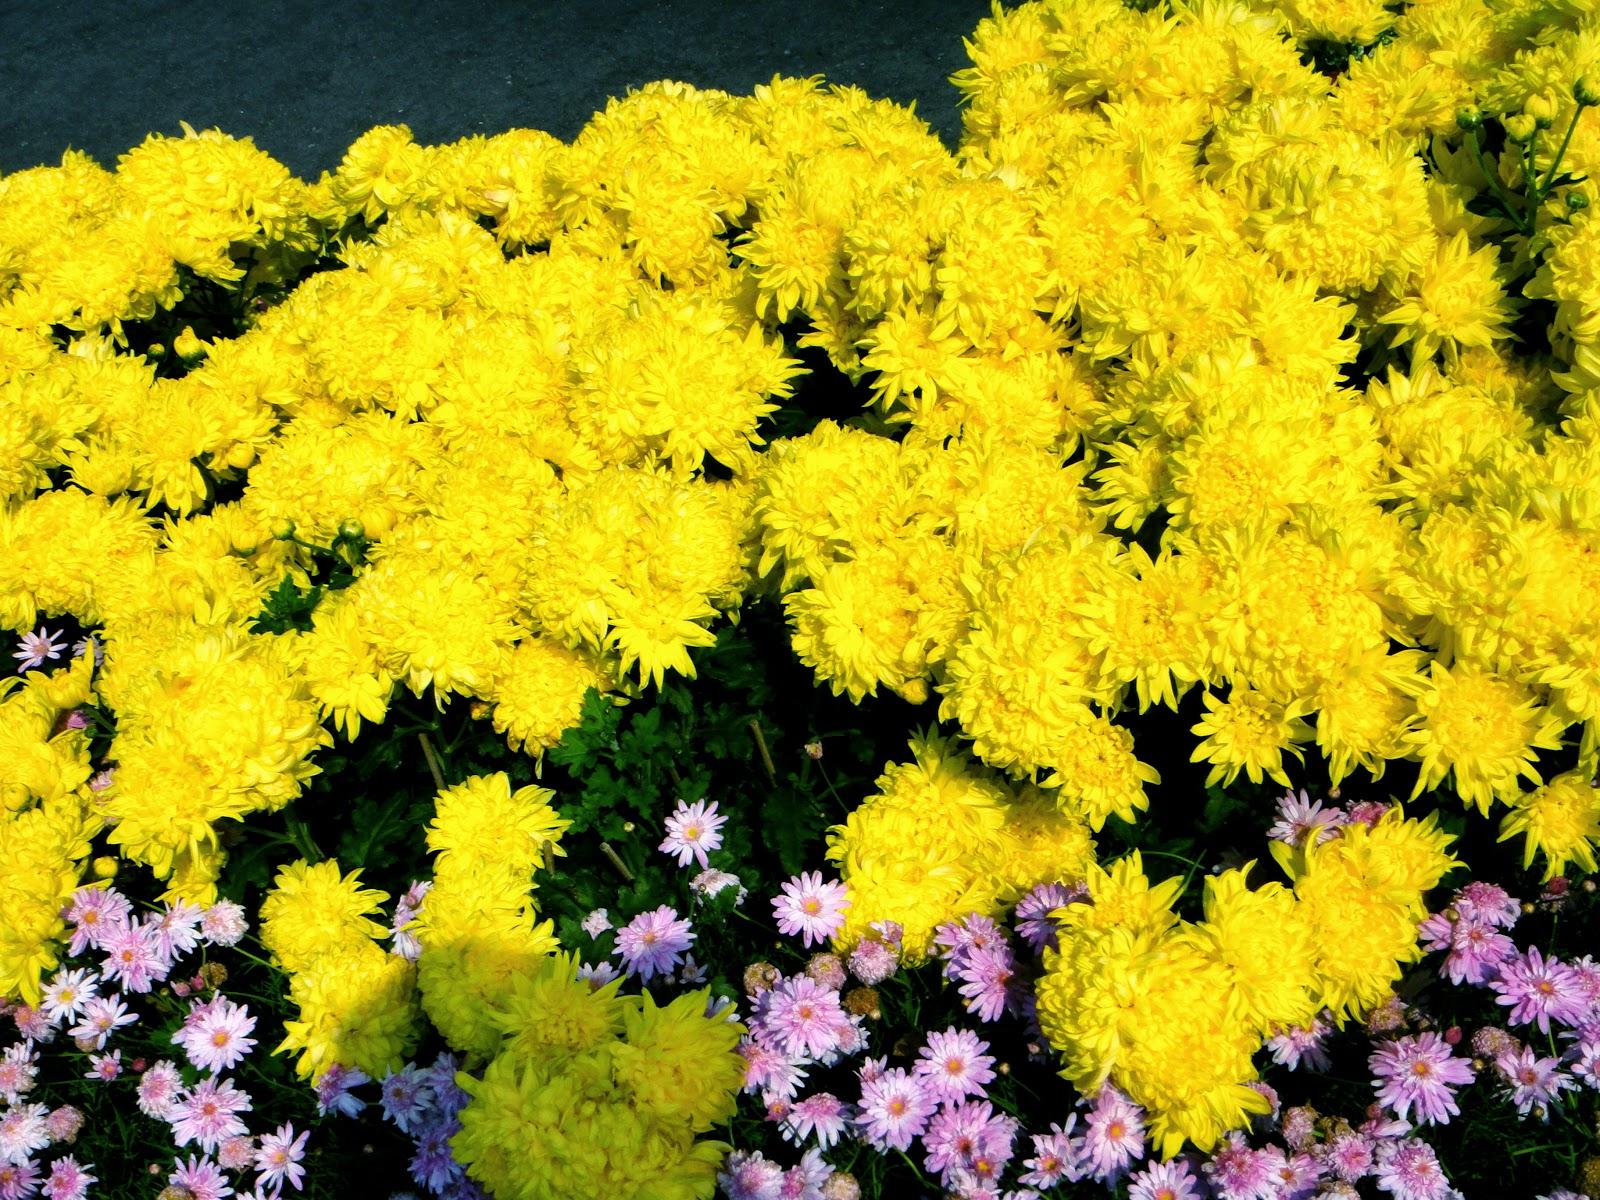 Yellow Flowers at Yangmingshan Spring